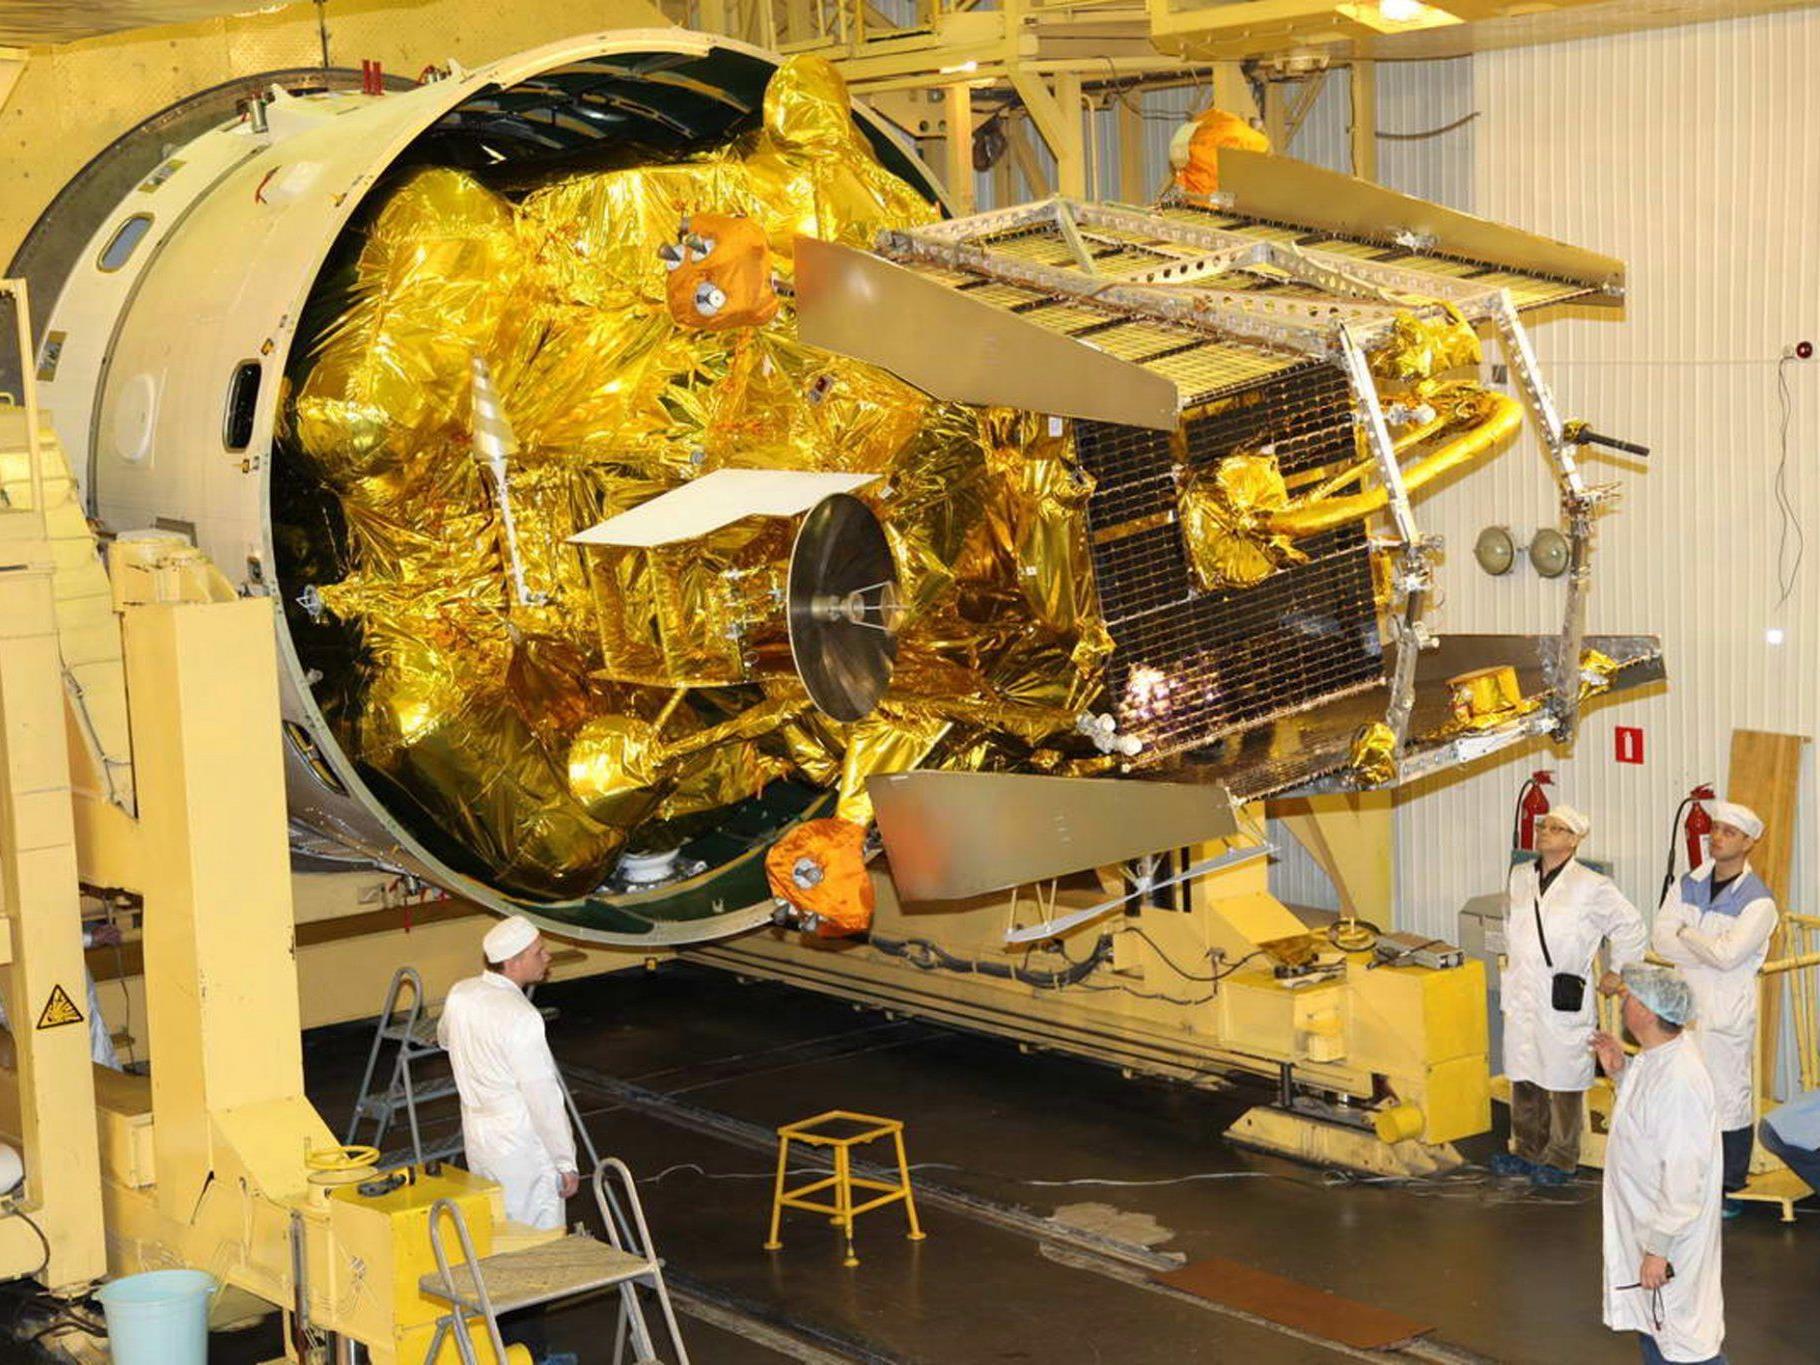 Russische Raumfahrtbehörde erwartet Reste von Phobos-Grunt am Sonntag.